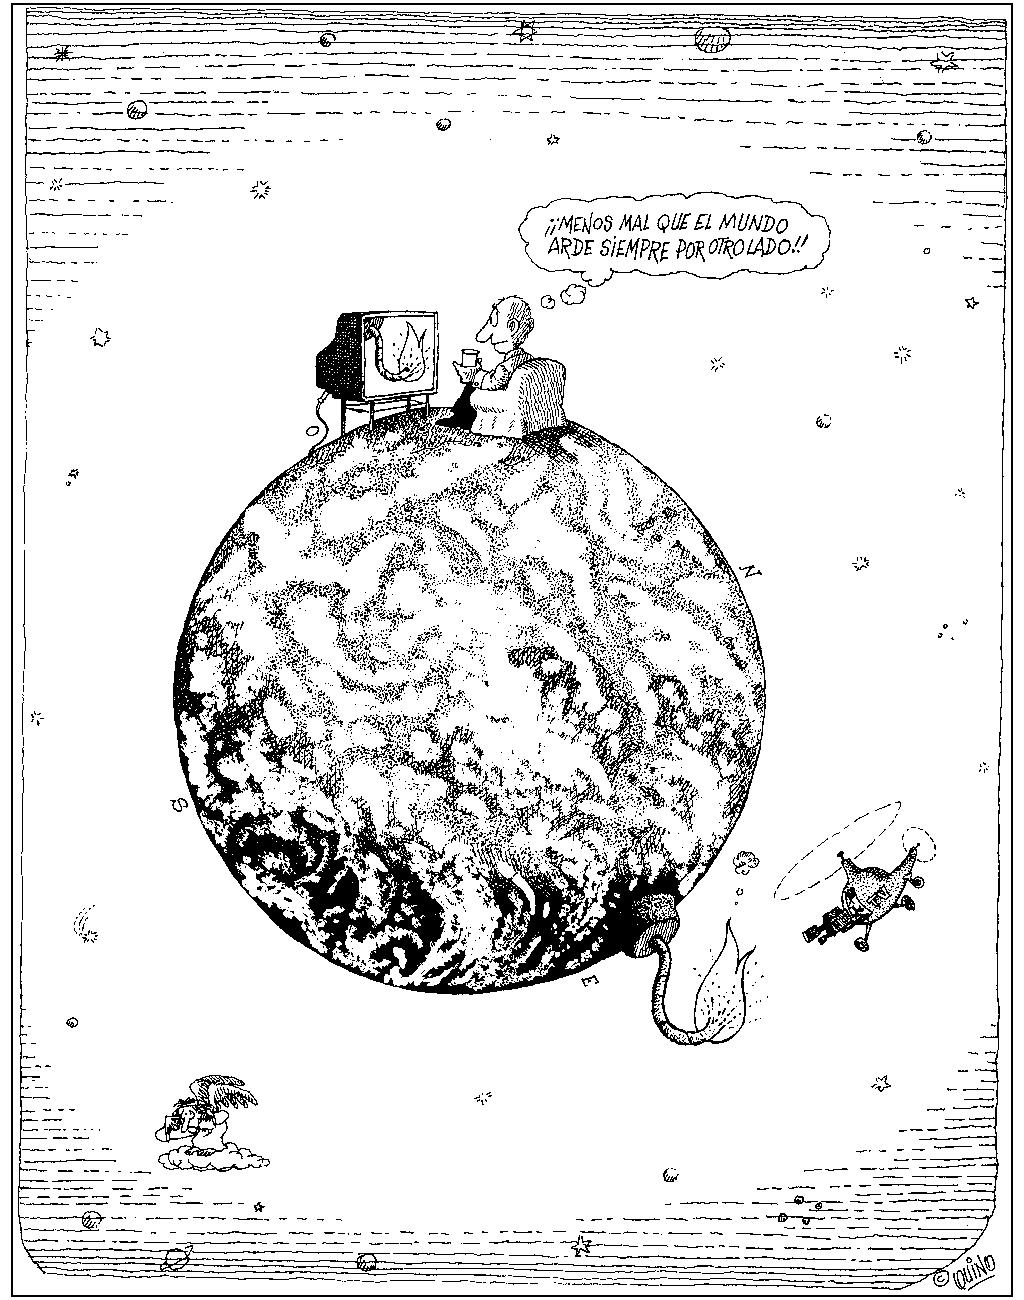 Quino, planeta a punto de explotar